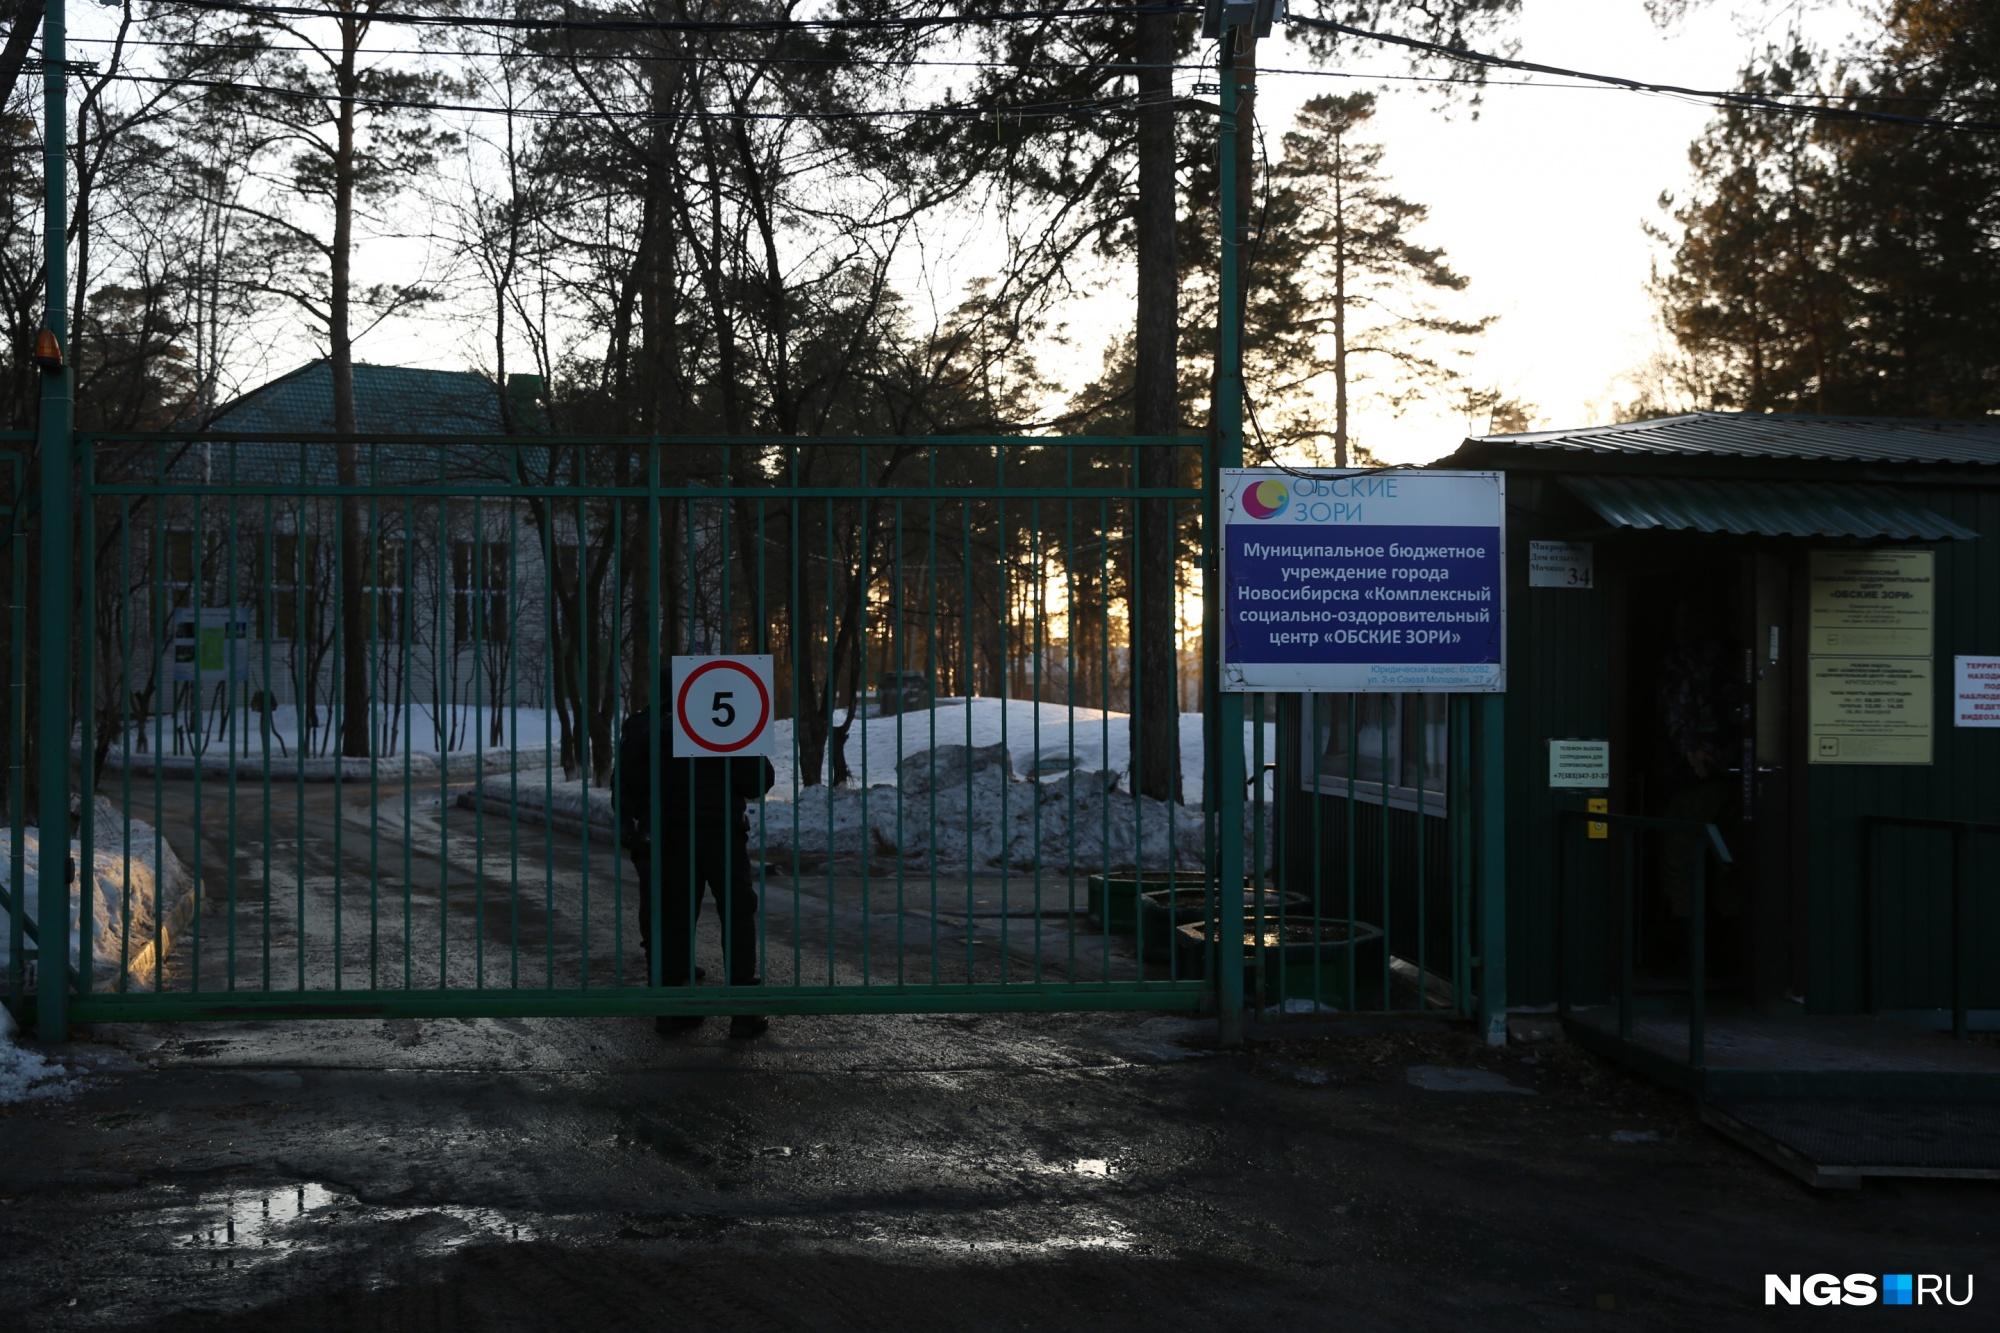 название санаторий обские зори в новосибирске фото семи грандиозных